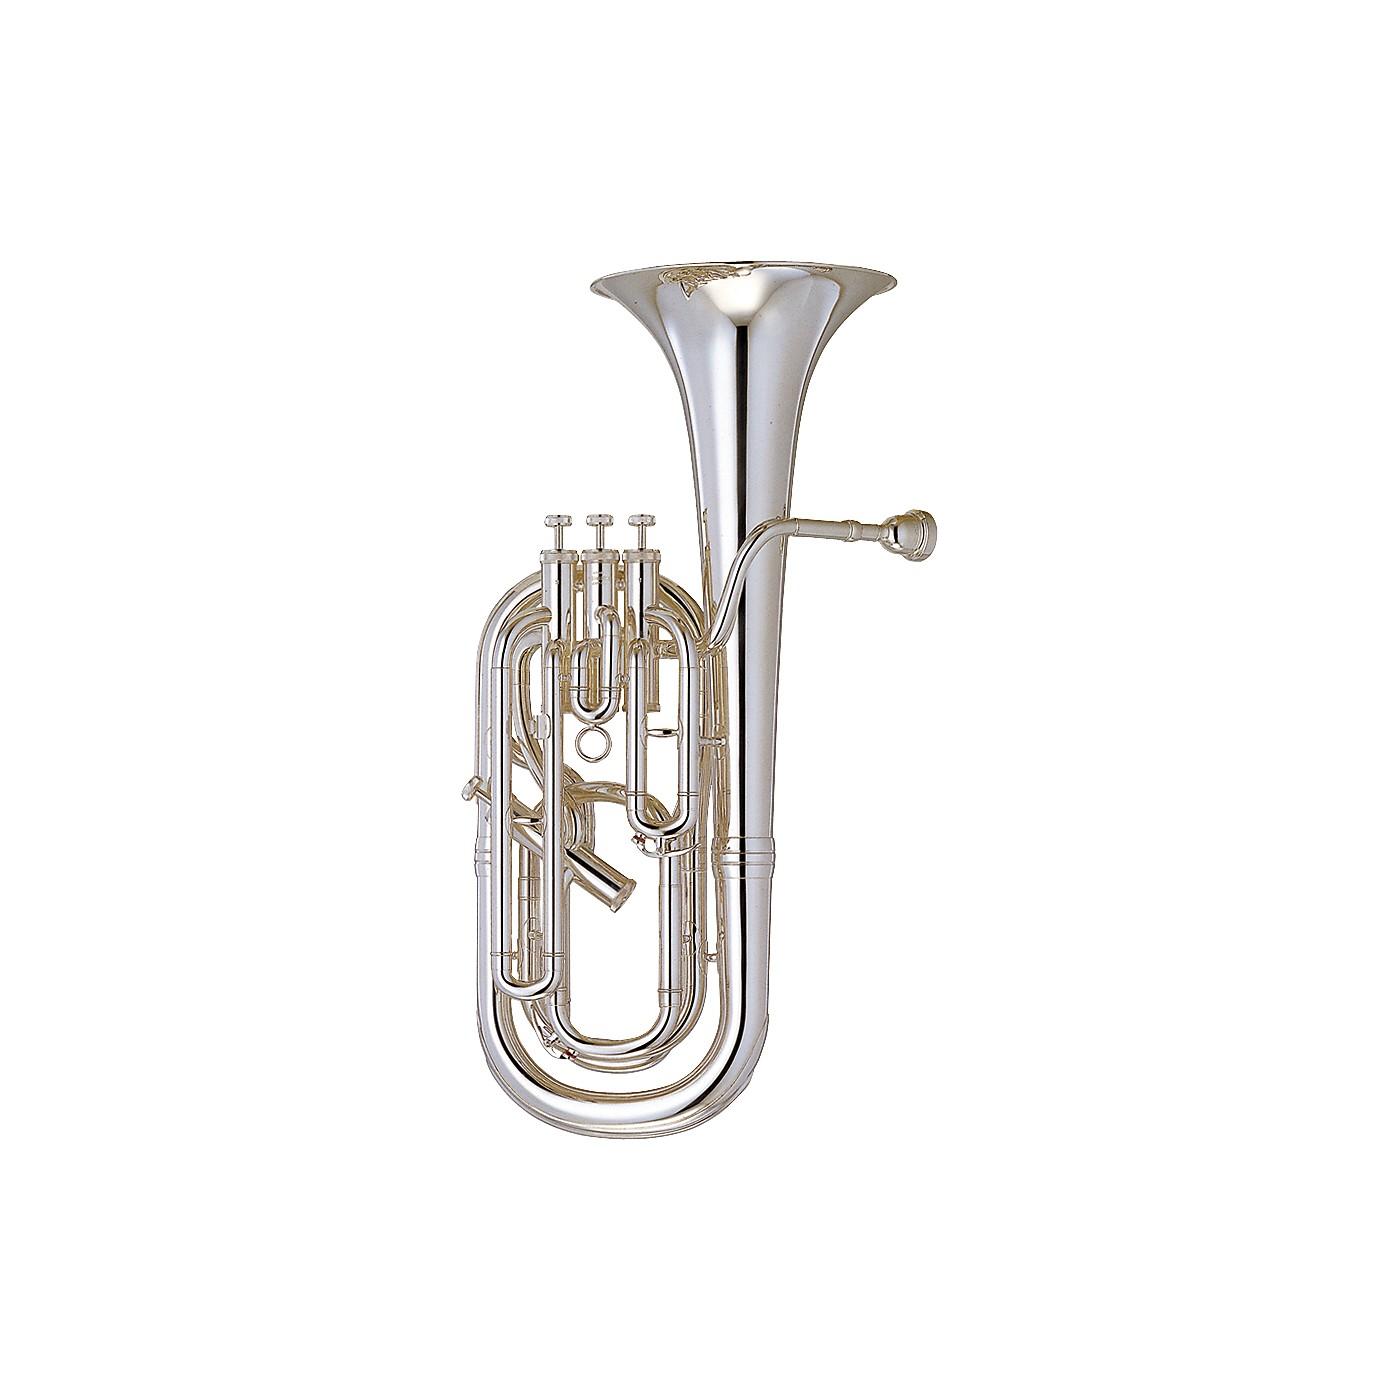 Yamaha YBH-621S Series Baritone Horn thumbnail